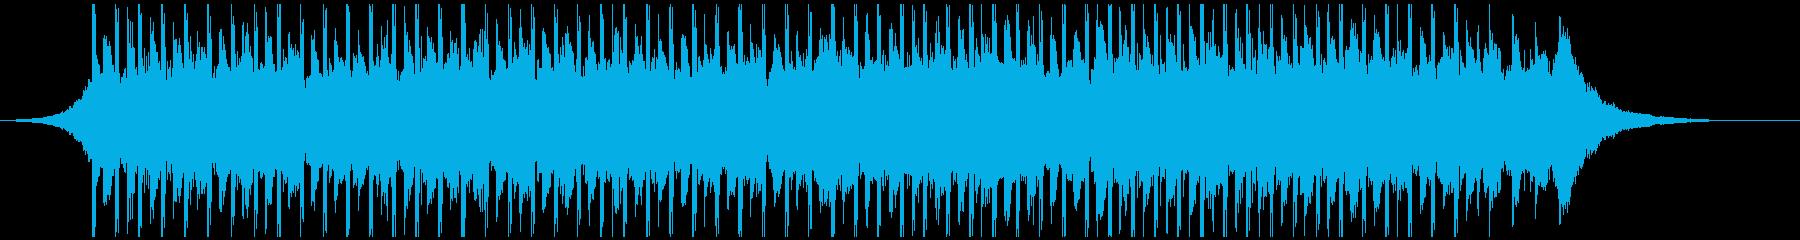 コーポレートスタートアップ(40秒)の再生済みの波形